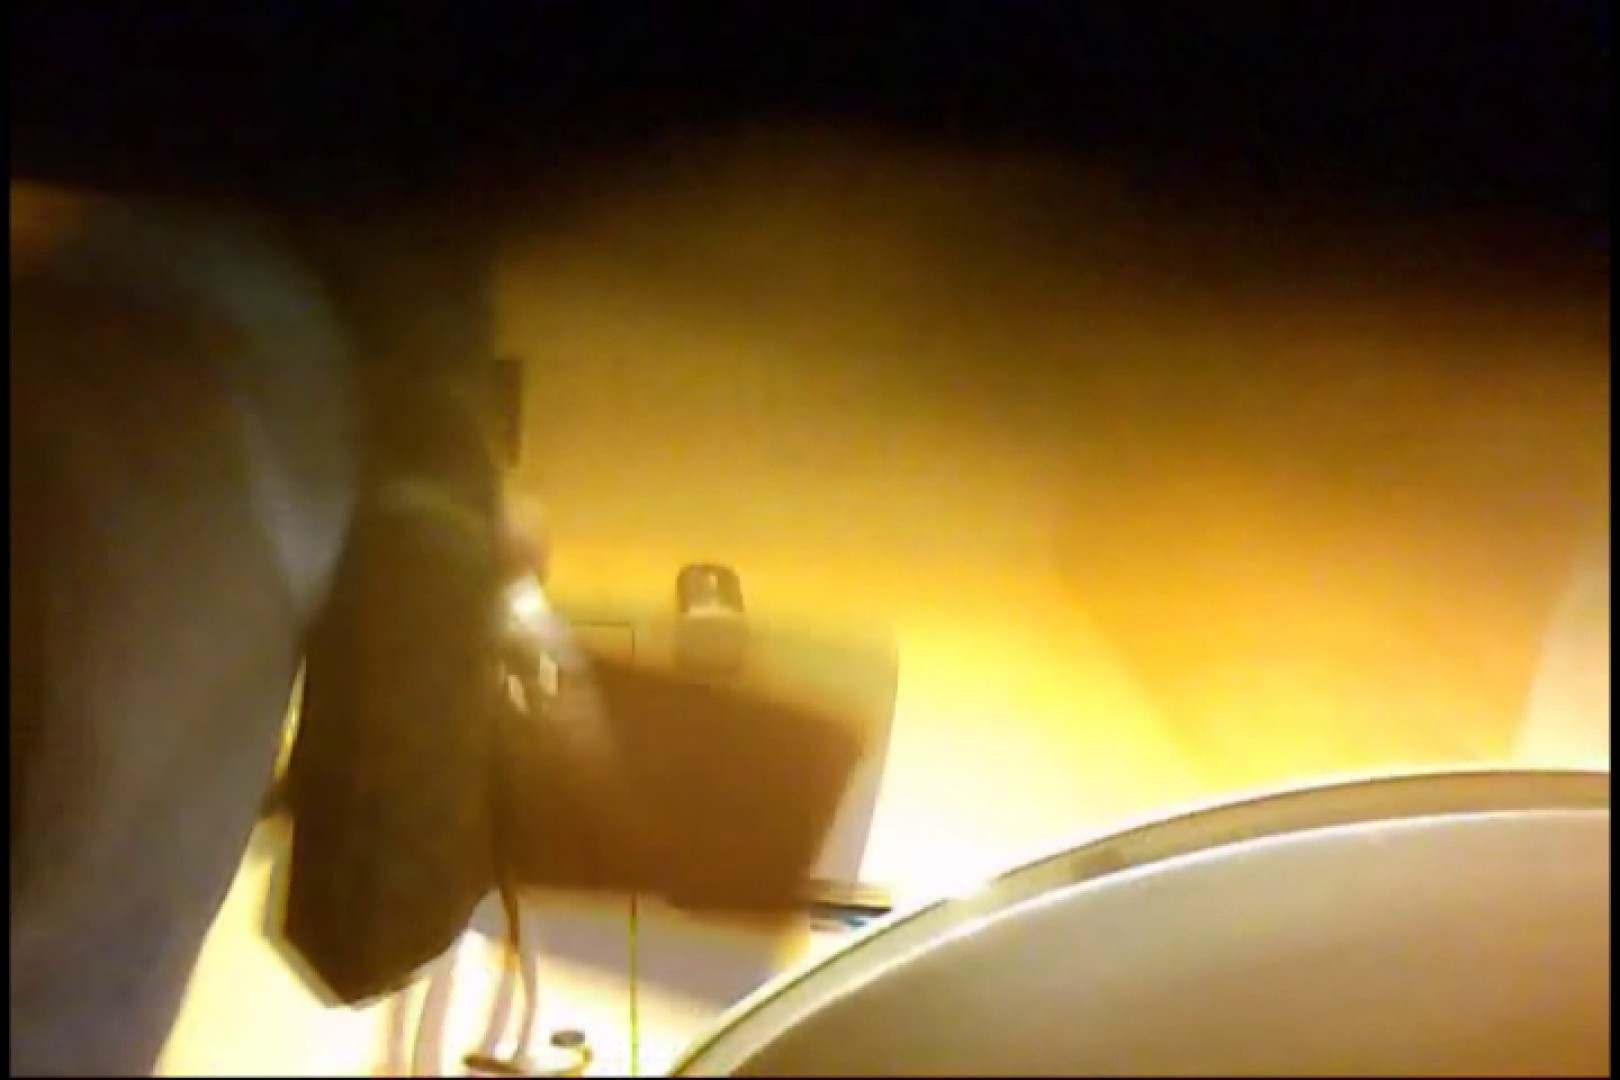 マダムが集まるデパートお手洗い Vol.22 OLのボディ AV無料動画キャプチャ 69PIX 44